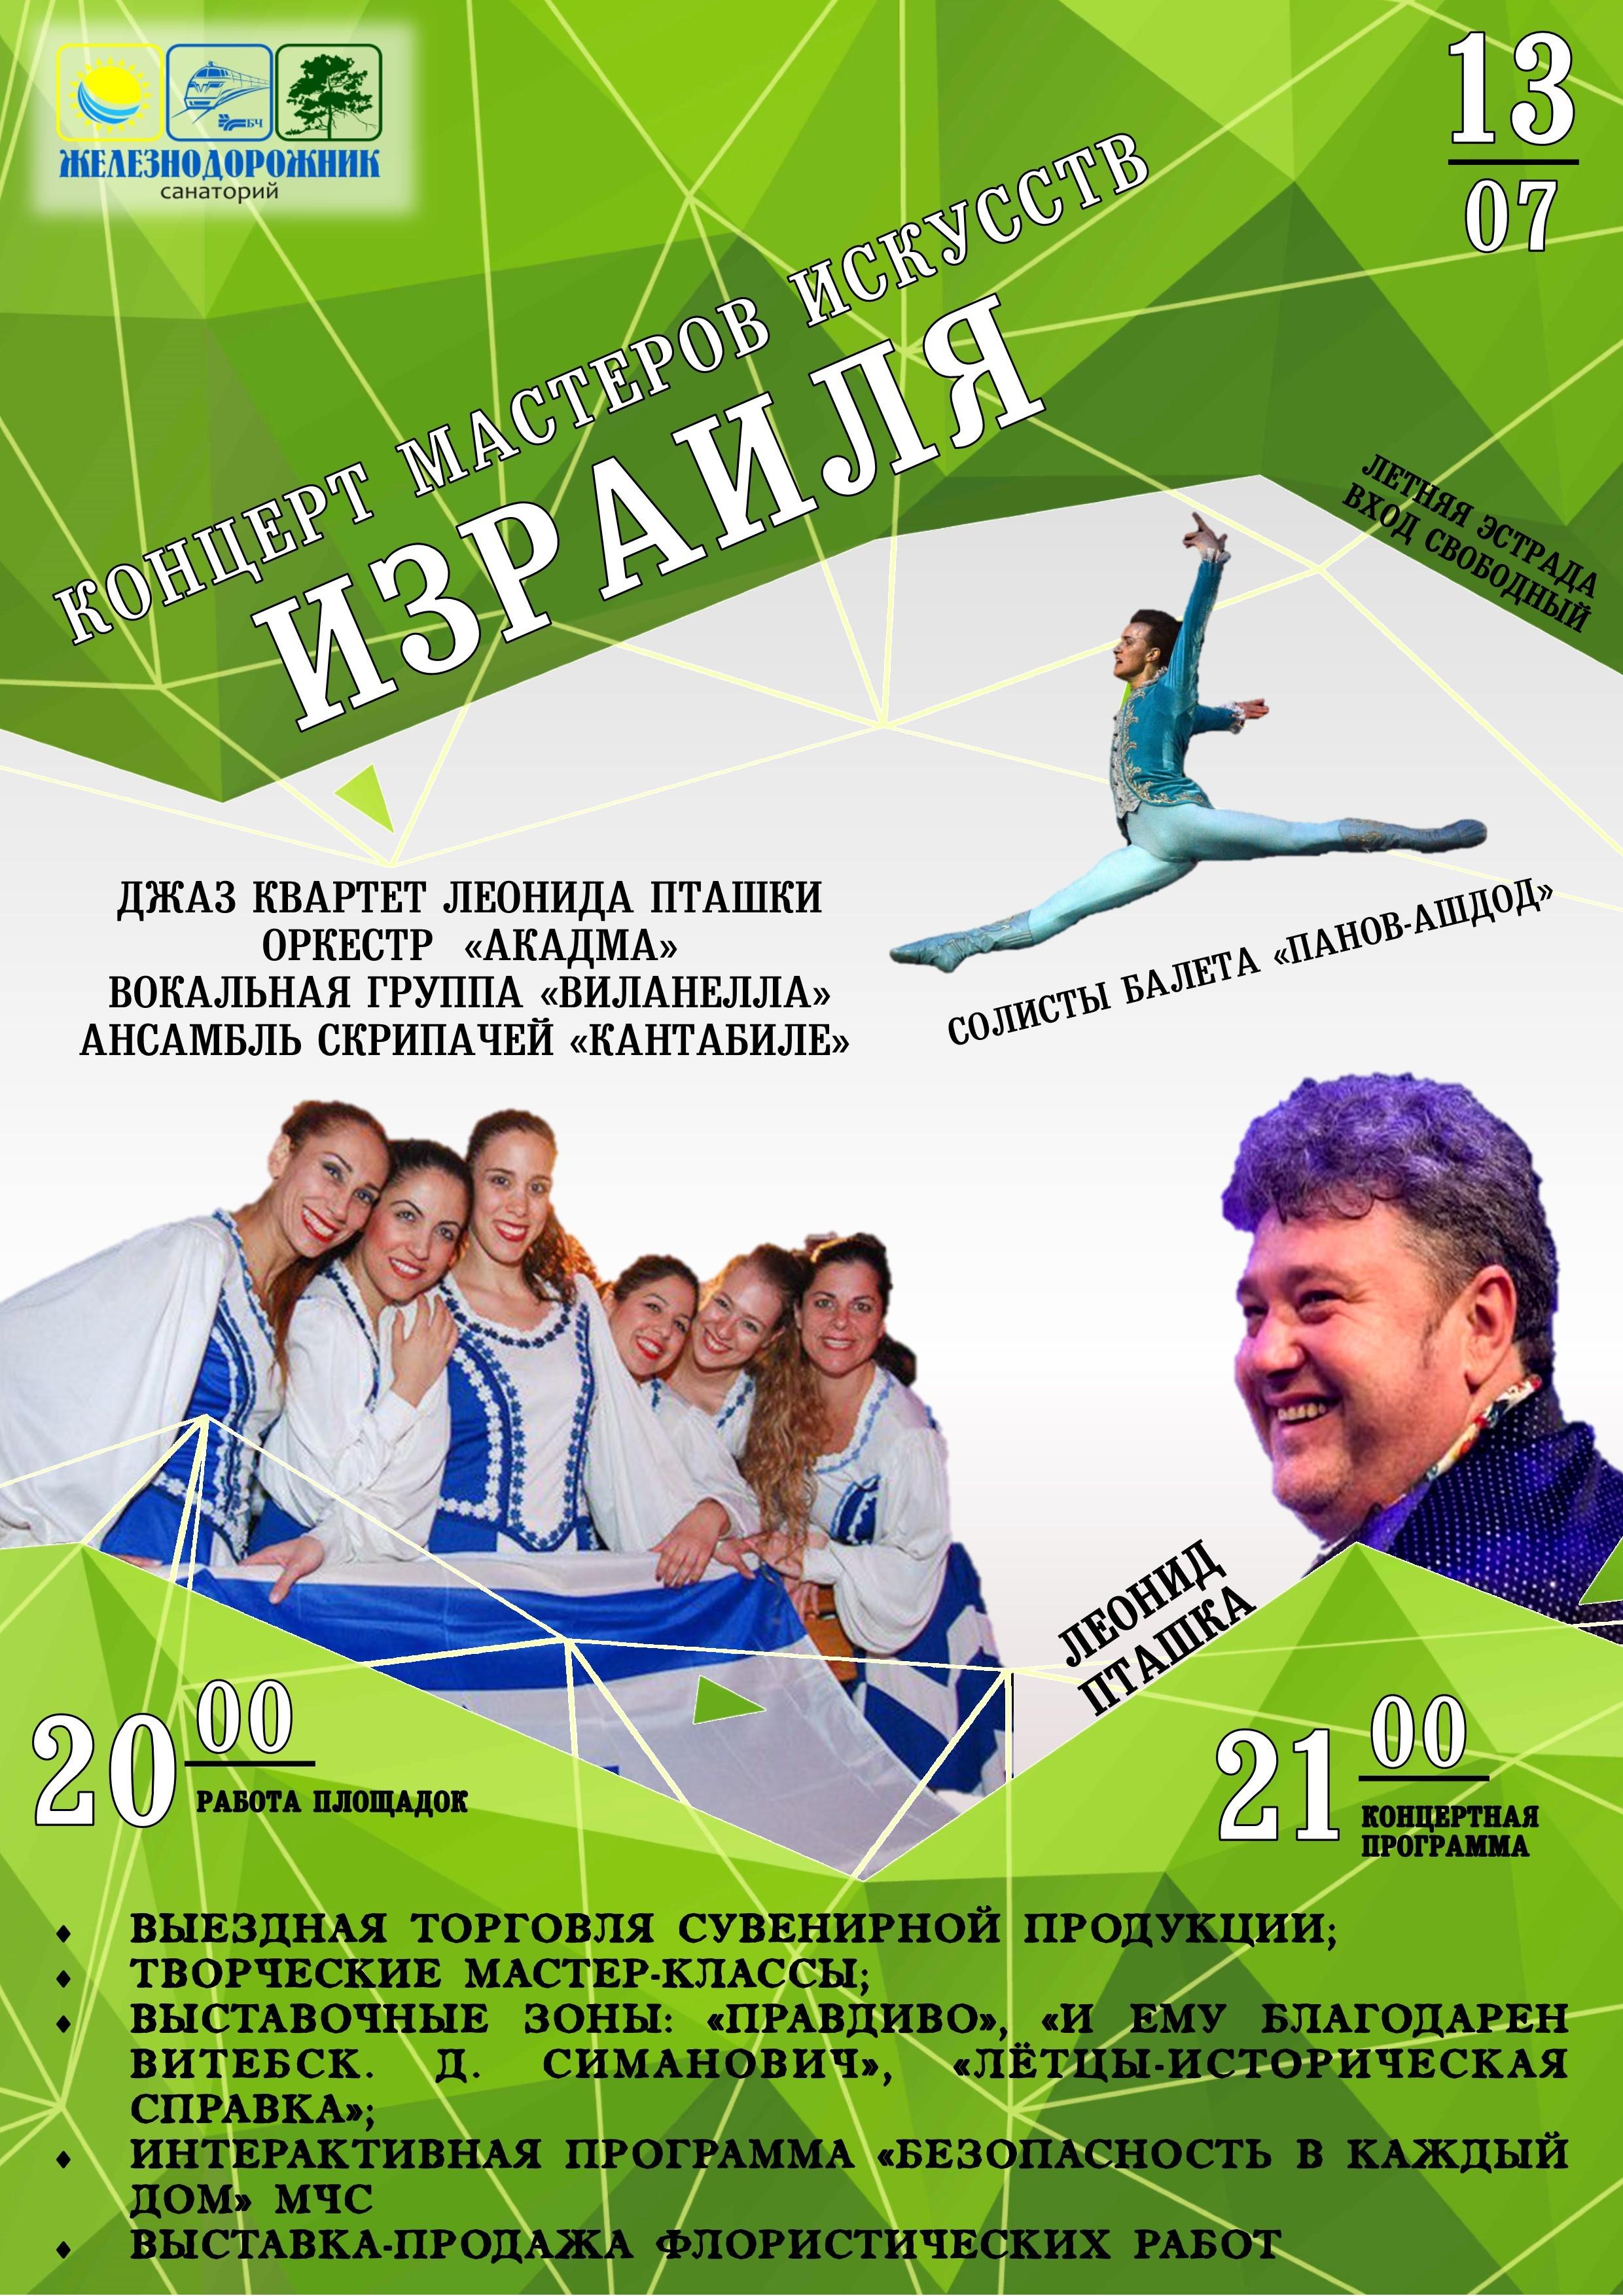 Концерт мастеров искусств Израиля 13 июля 2019 года